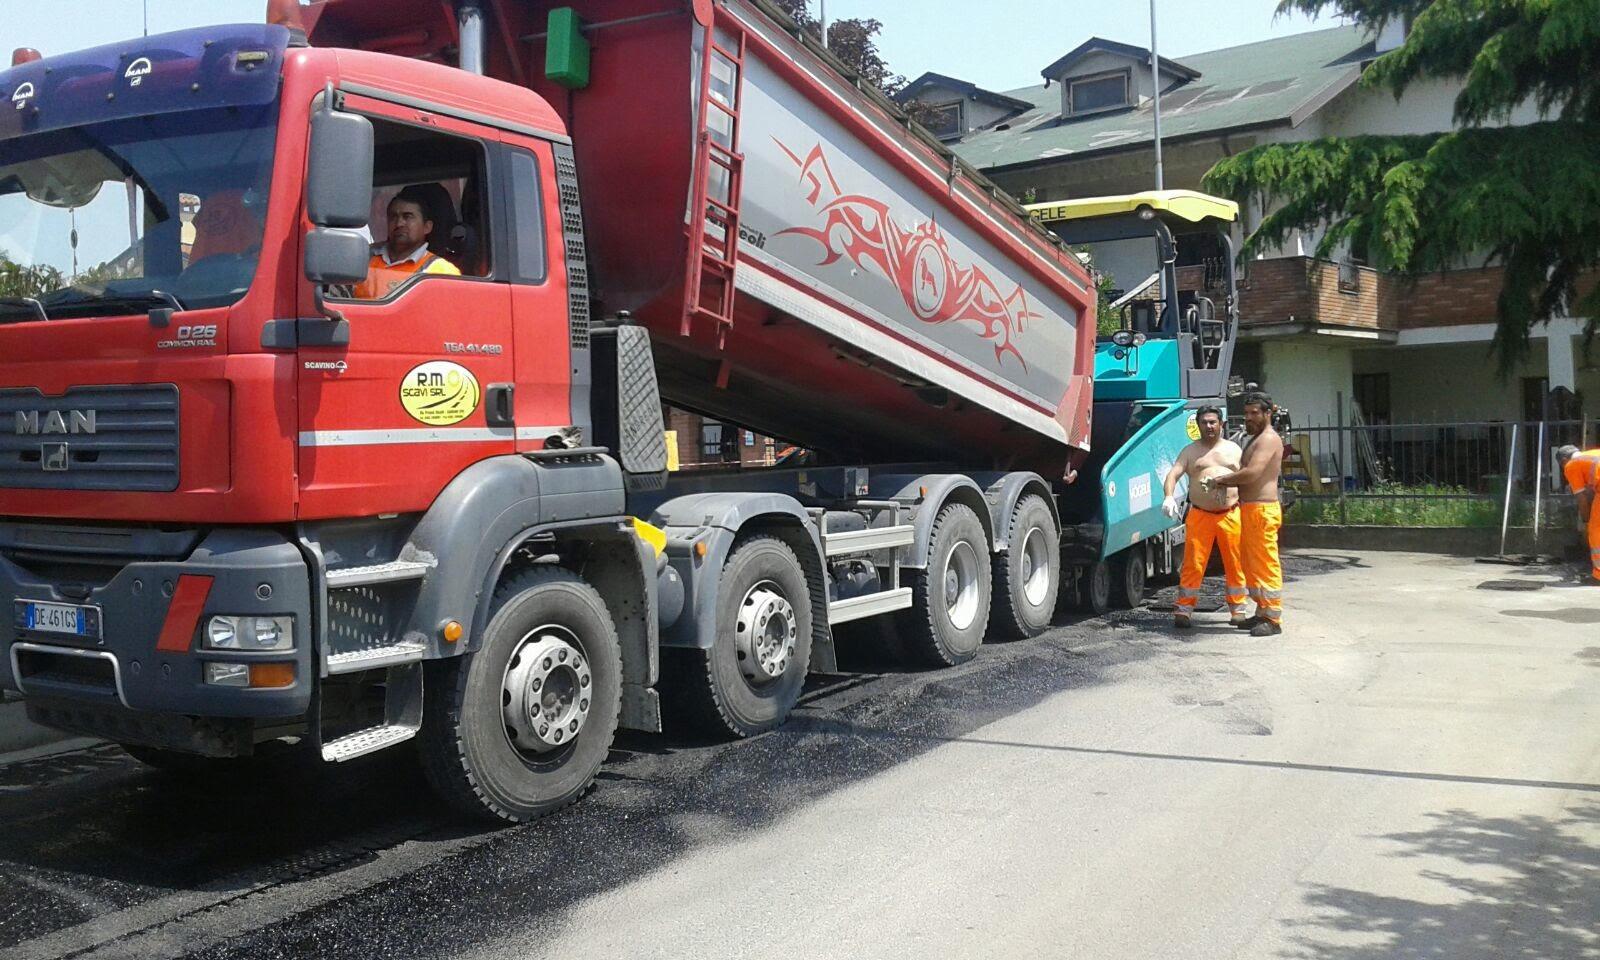 camion rosso con rimorchio